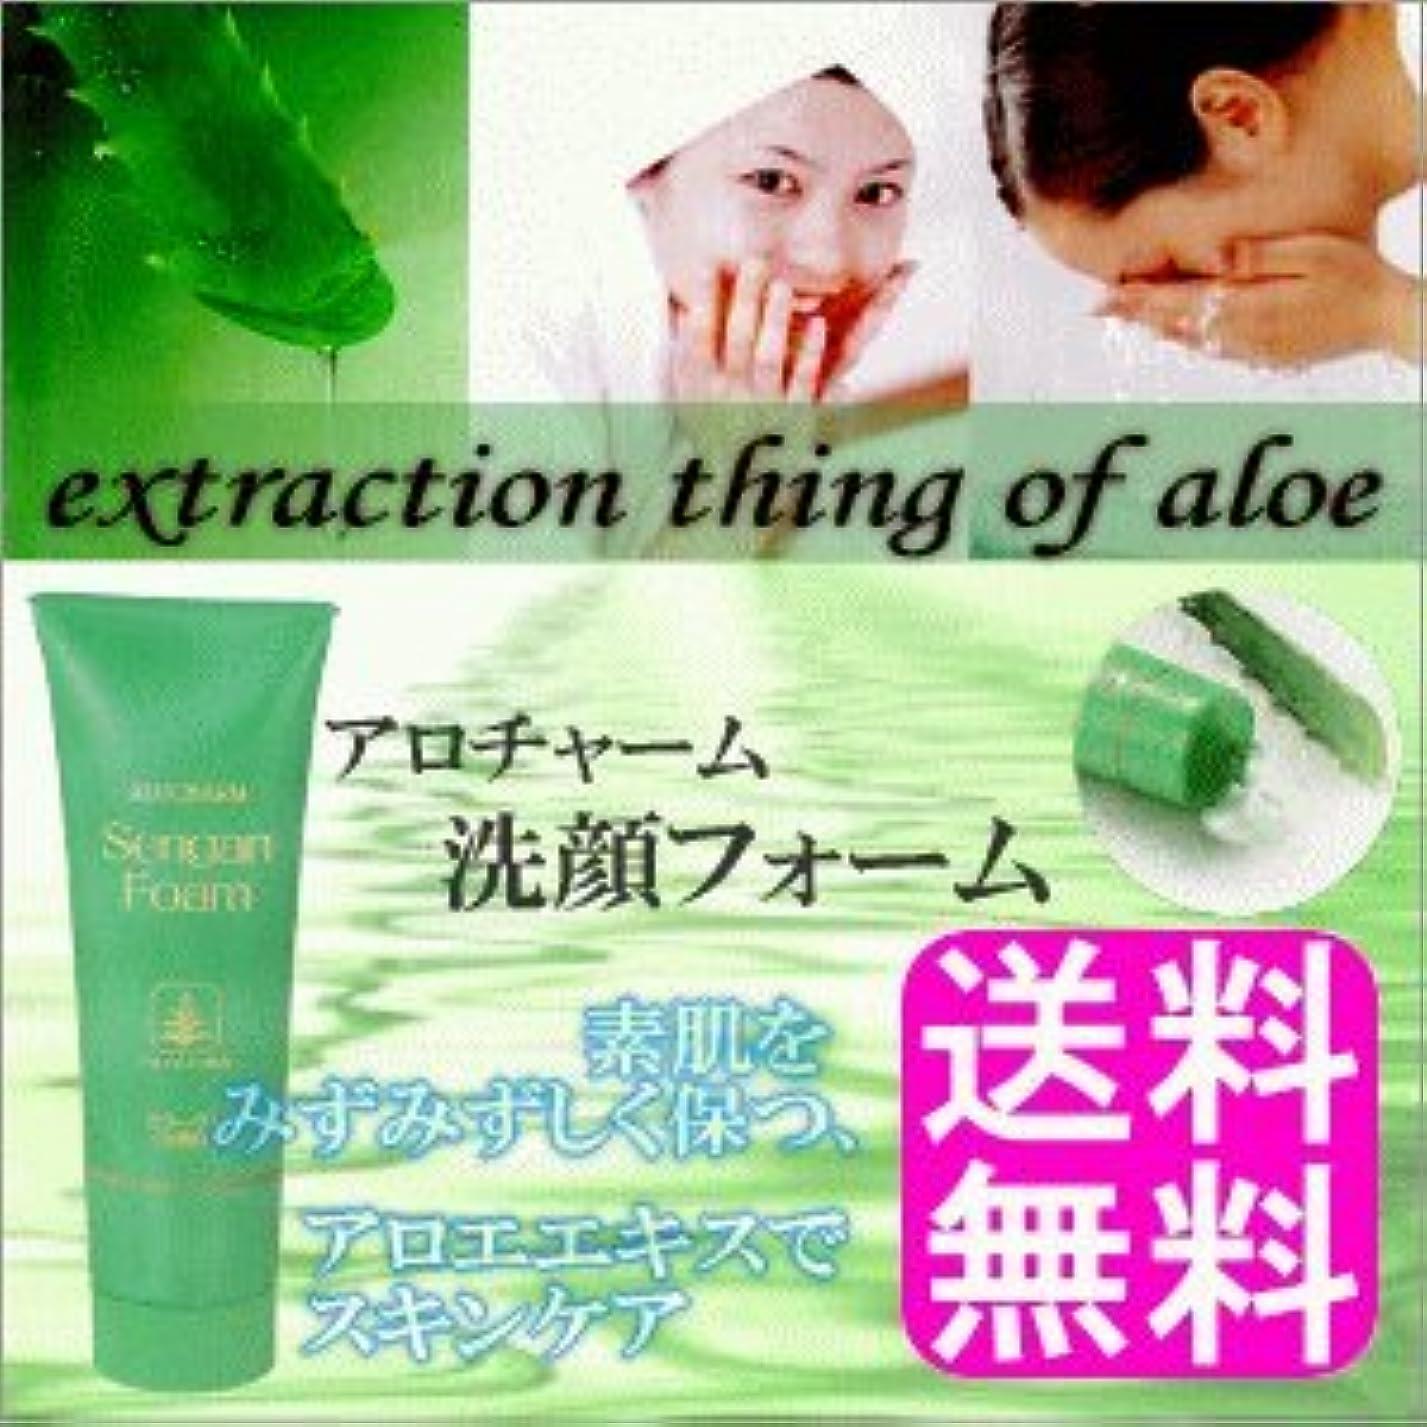 静脈磁器アロチャーム 洗顔フォーム